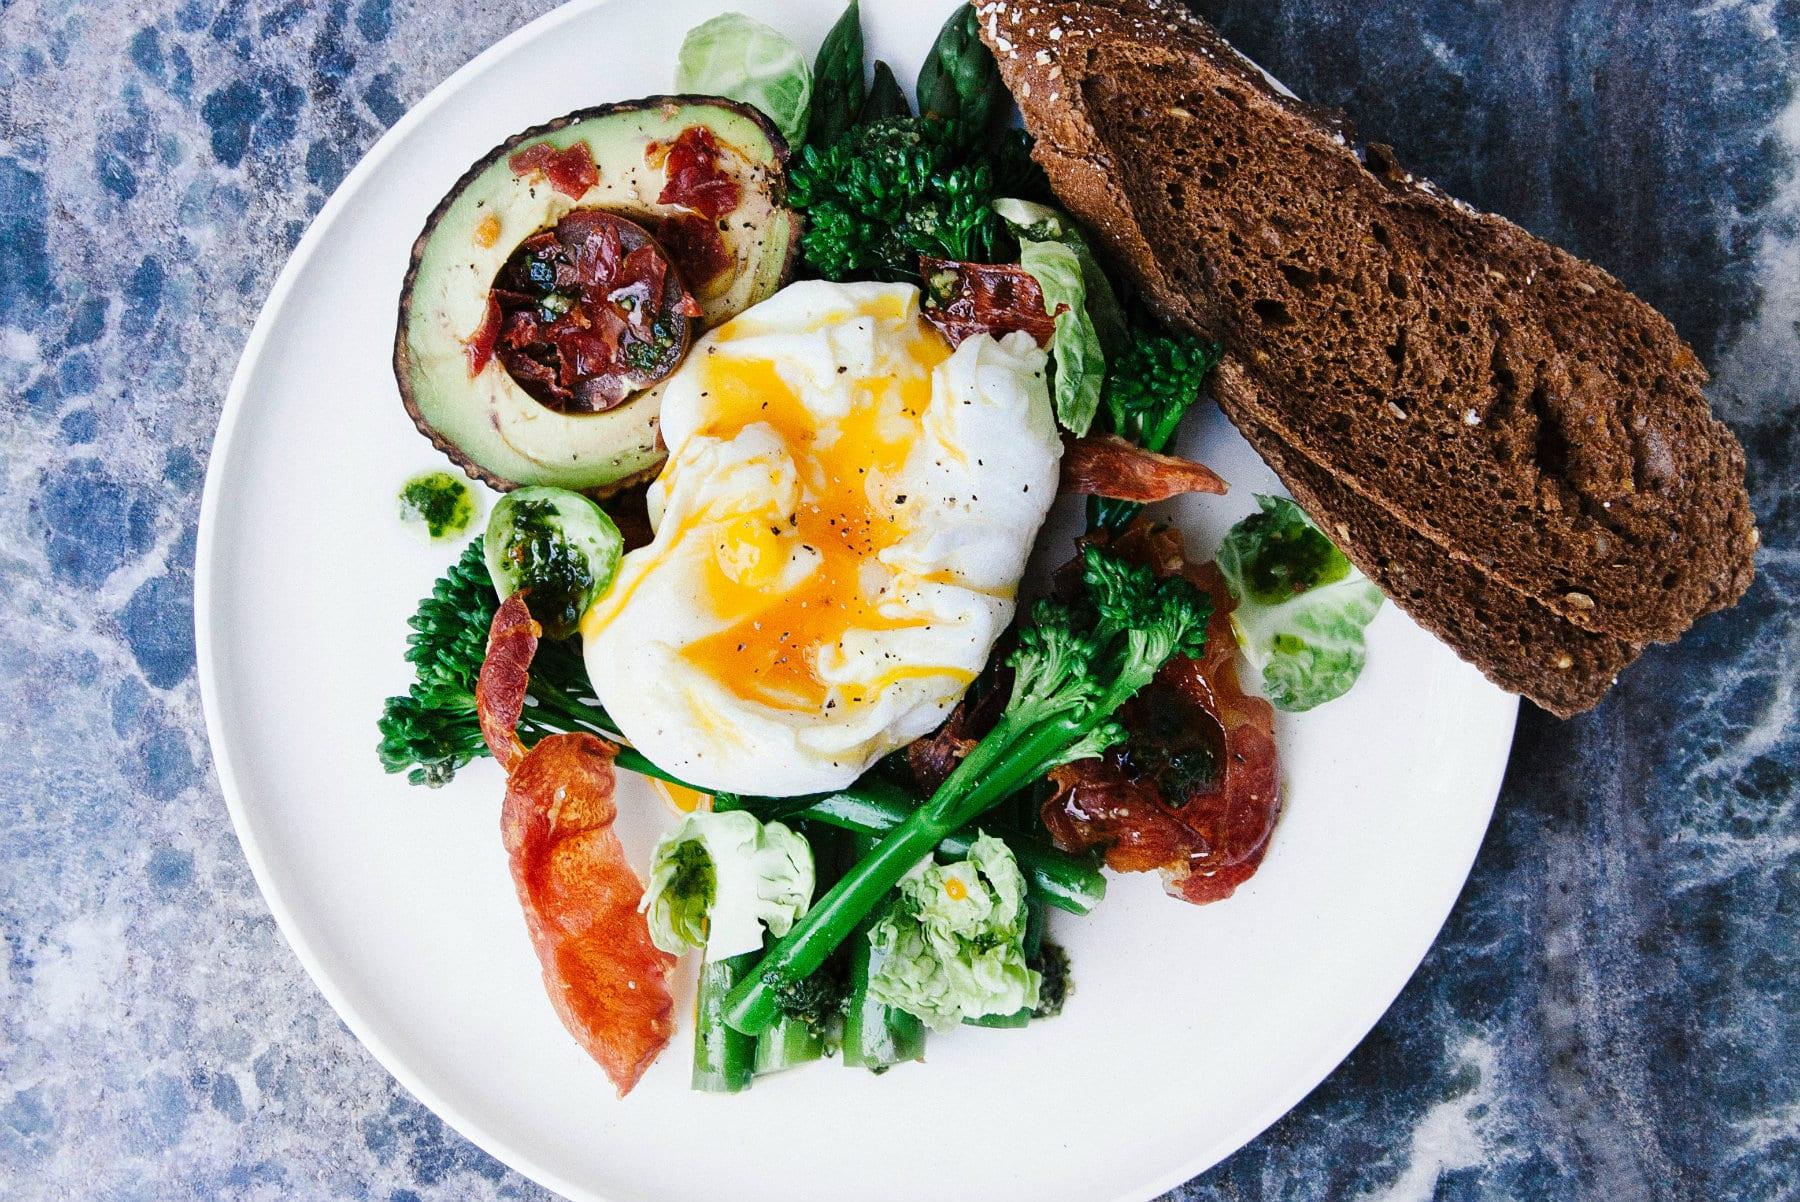 Muskelaufbau: Ganze Eier sind effektiver als Eiklar – sagt Studie